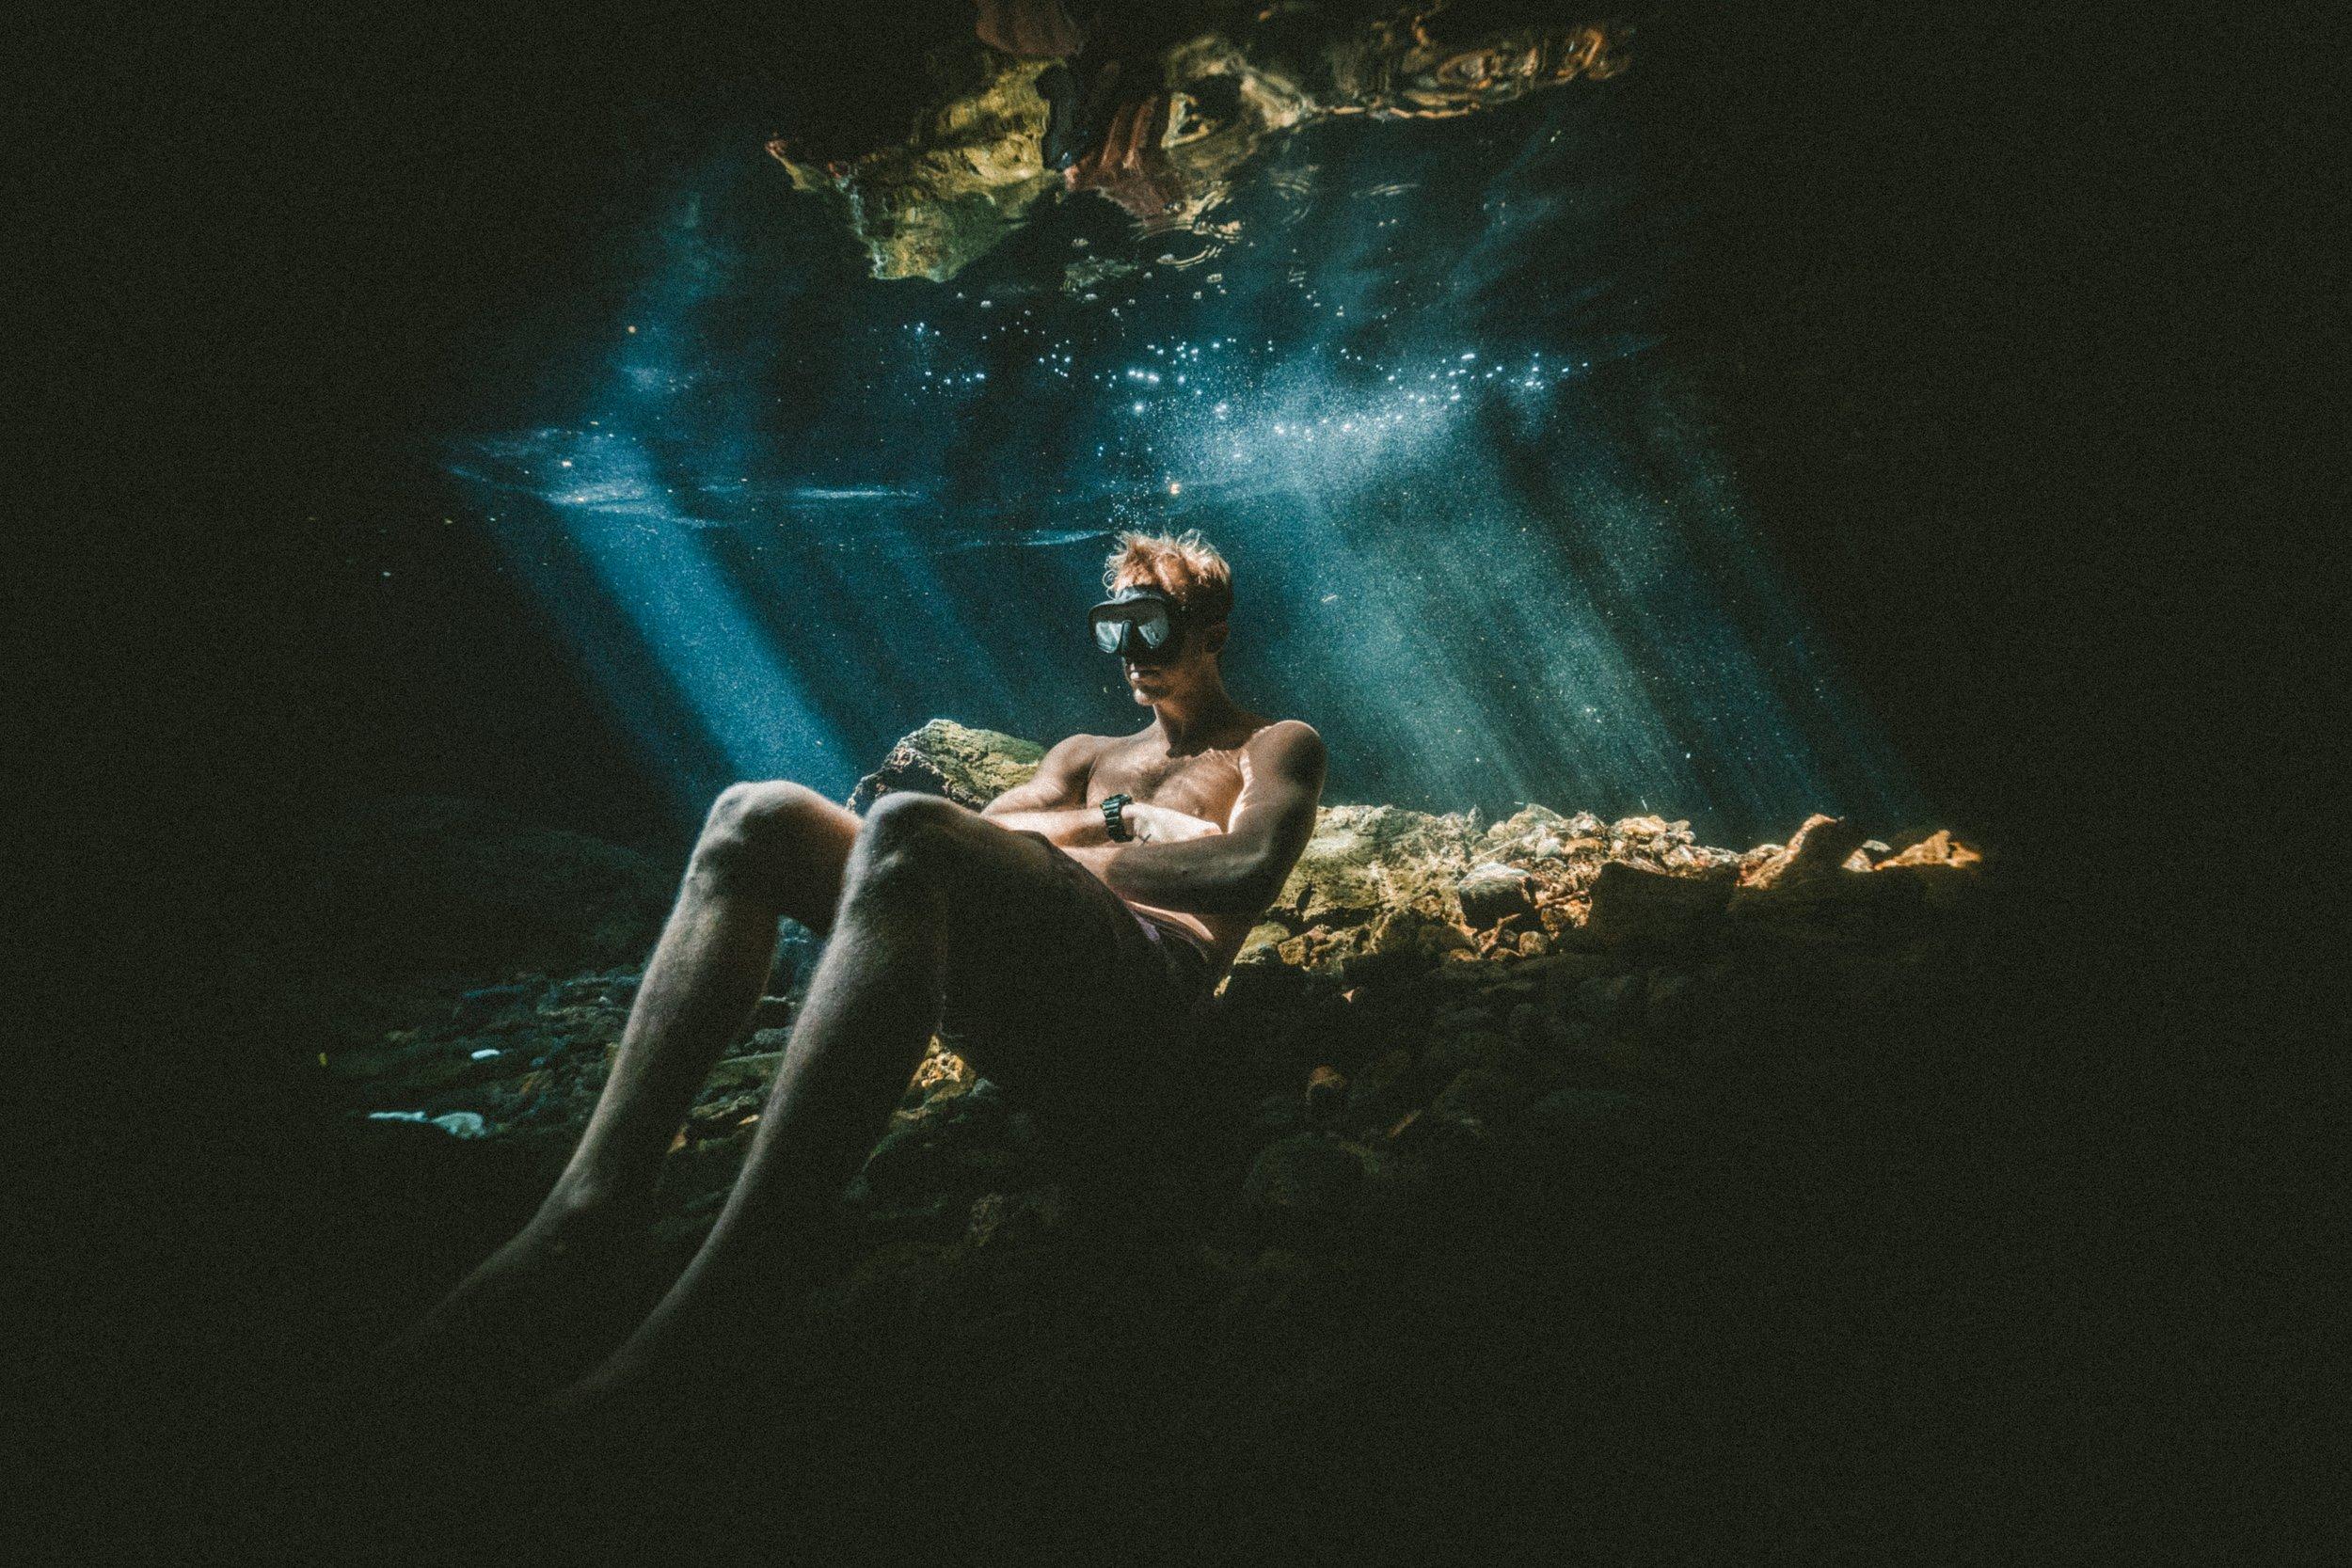 Photo by  Jakob Owens on  Unsplash